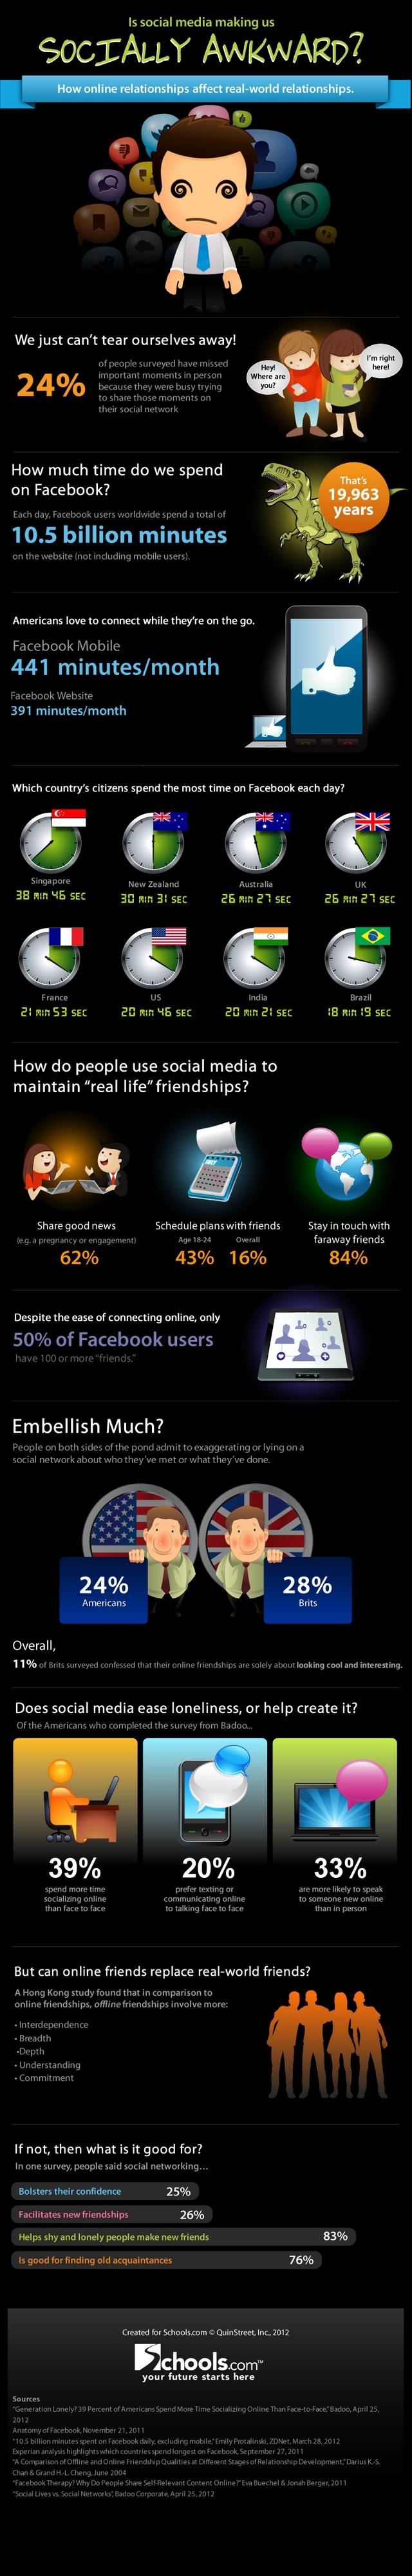 Чи руйнують соціальні медіа реальні взаємовідносини (інфографіка)?